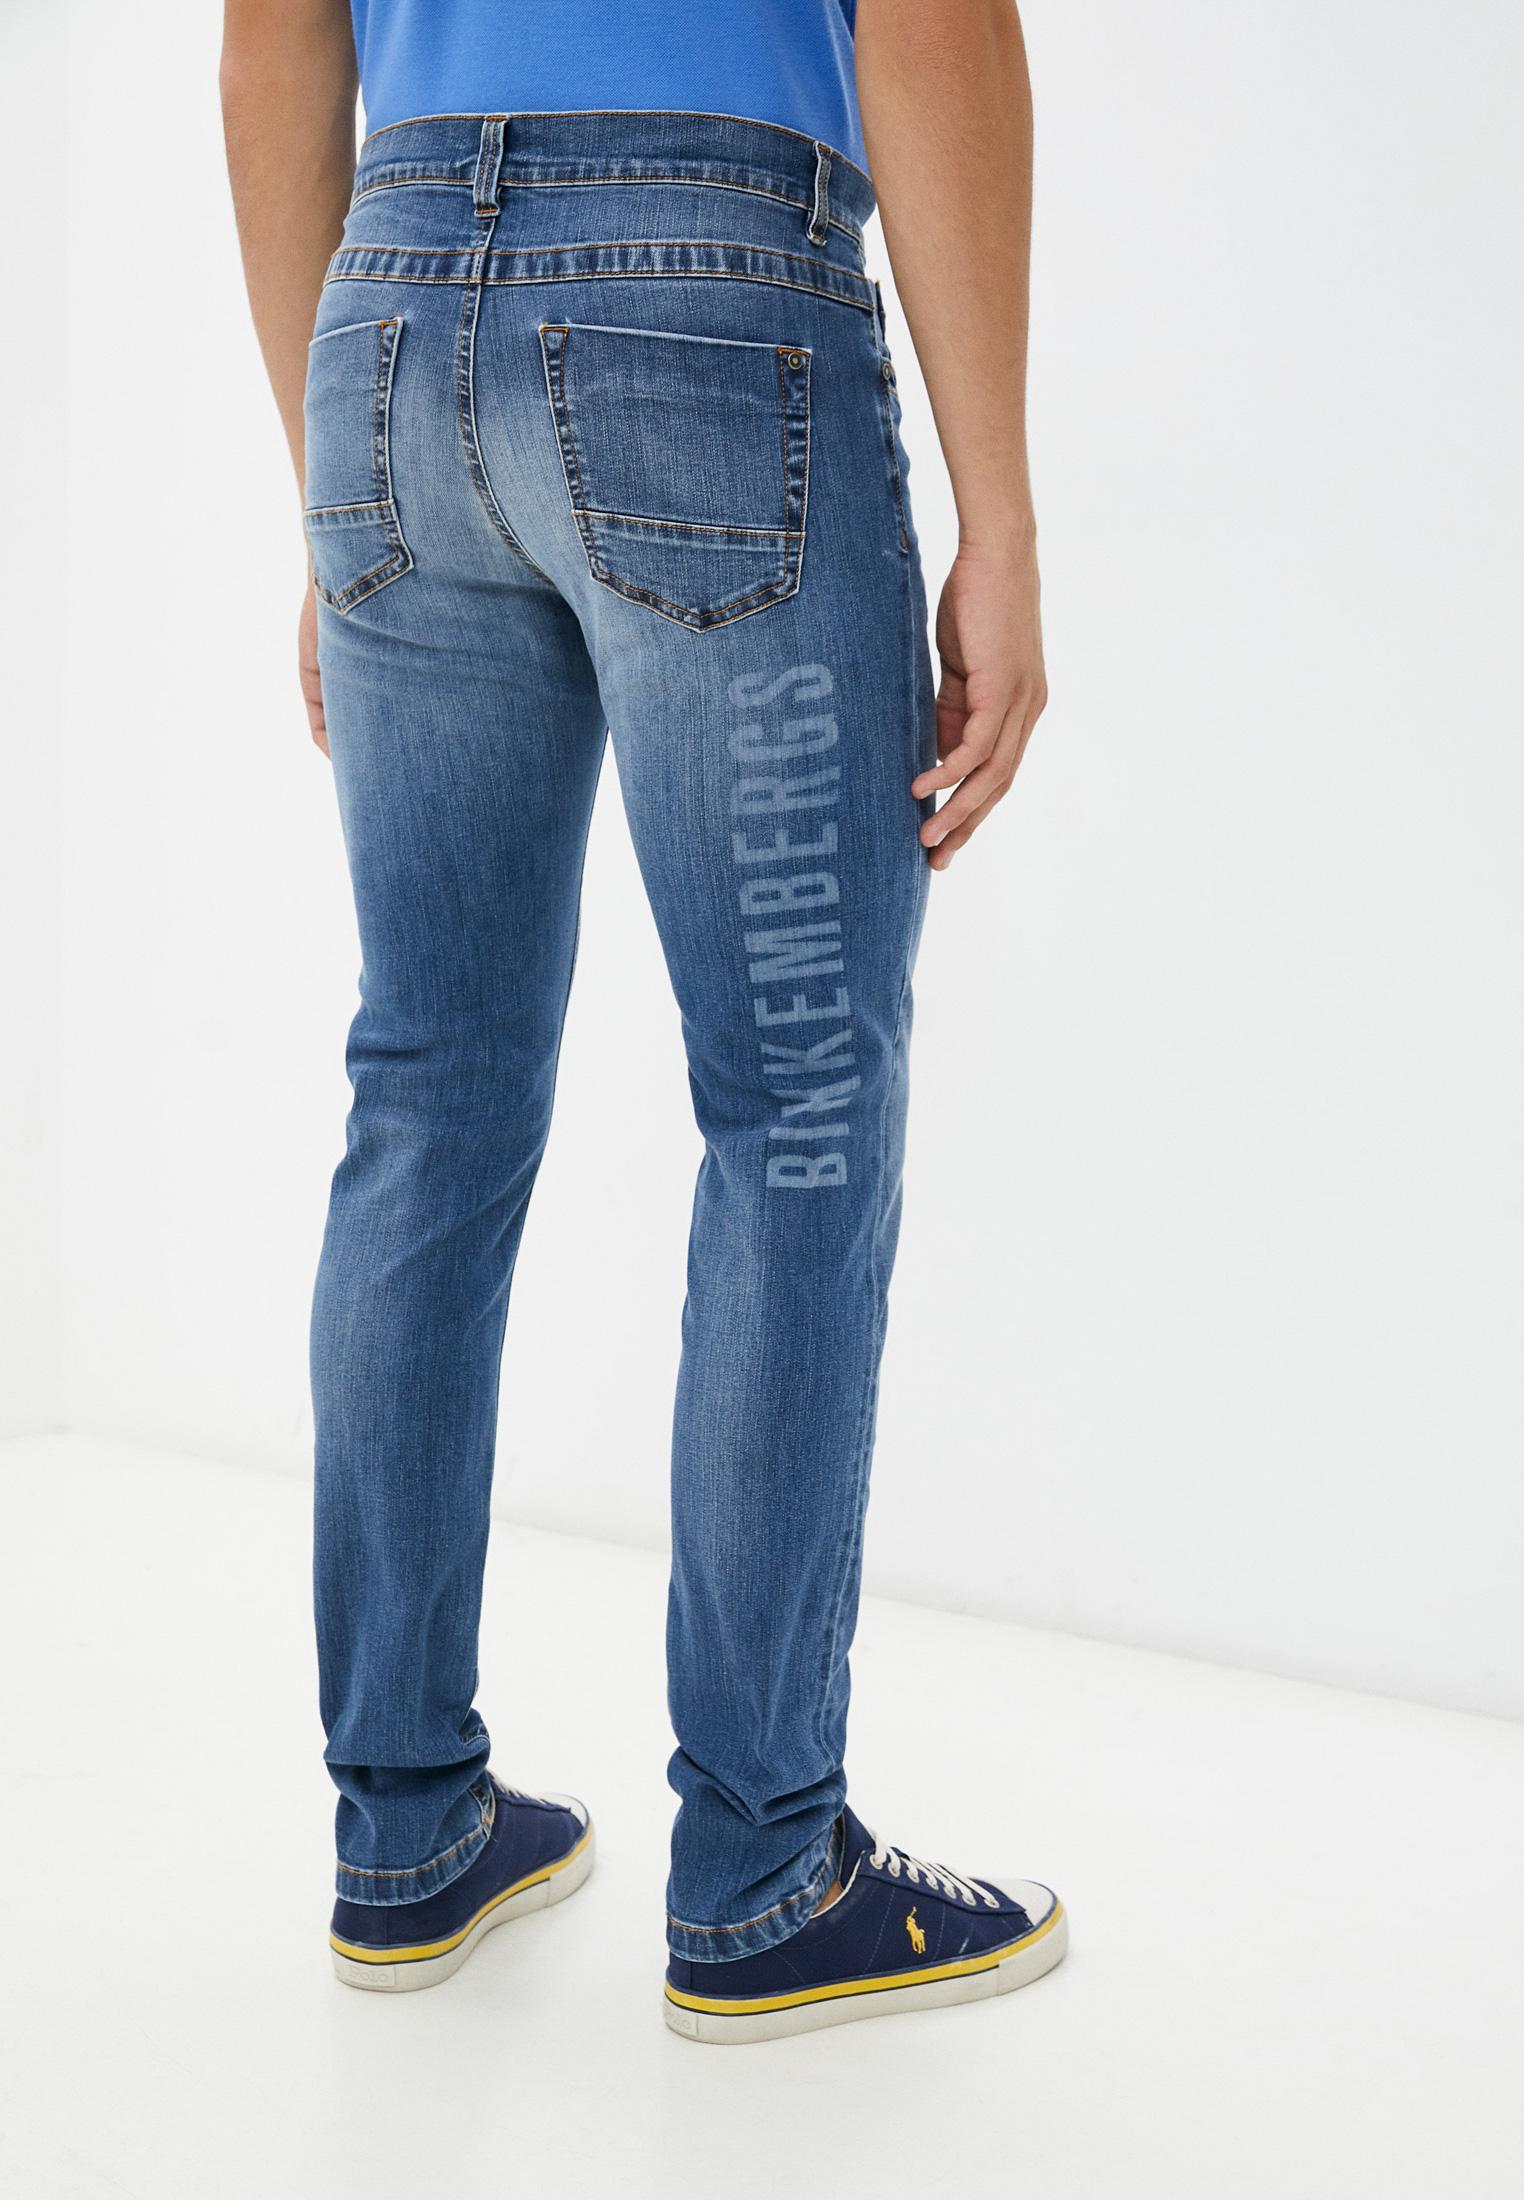 Мужские зауженные джинсы Bikkembergs (Биккембергс) C Q 101 05 S 3337: изображение 4